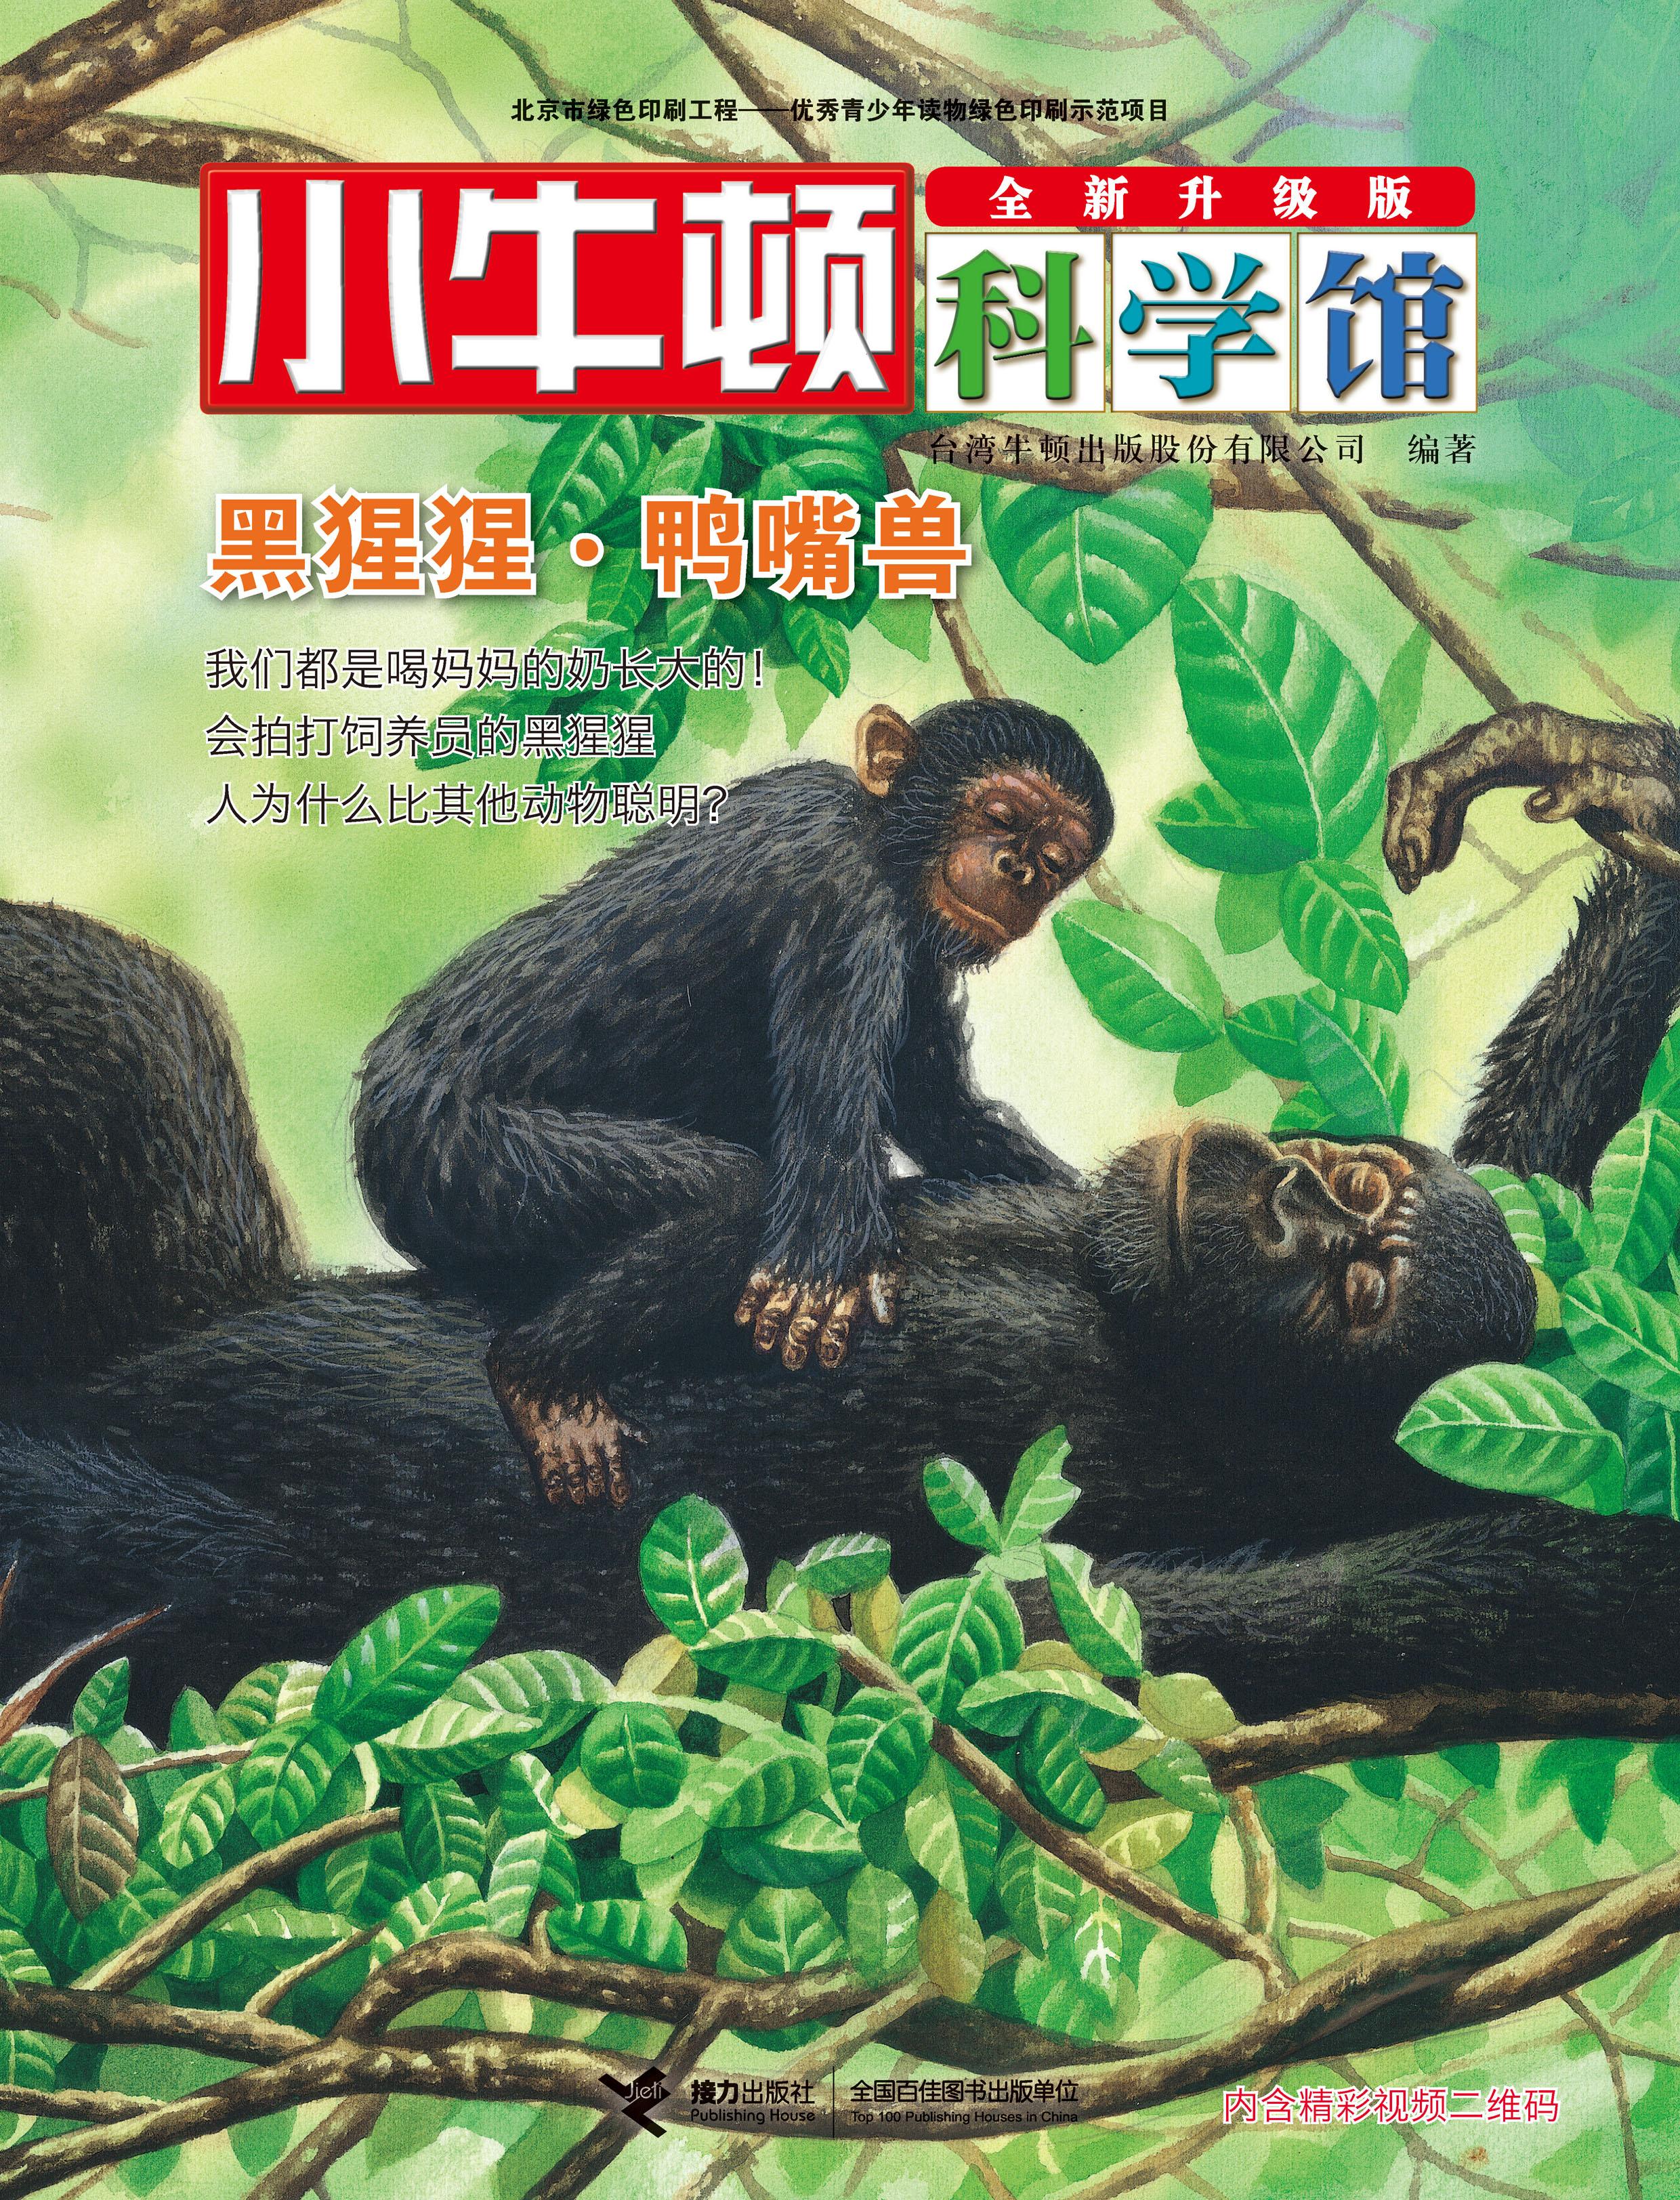 黑猩猩·鸭嘴兽